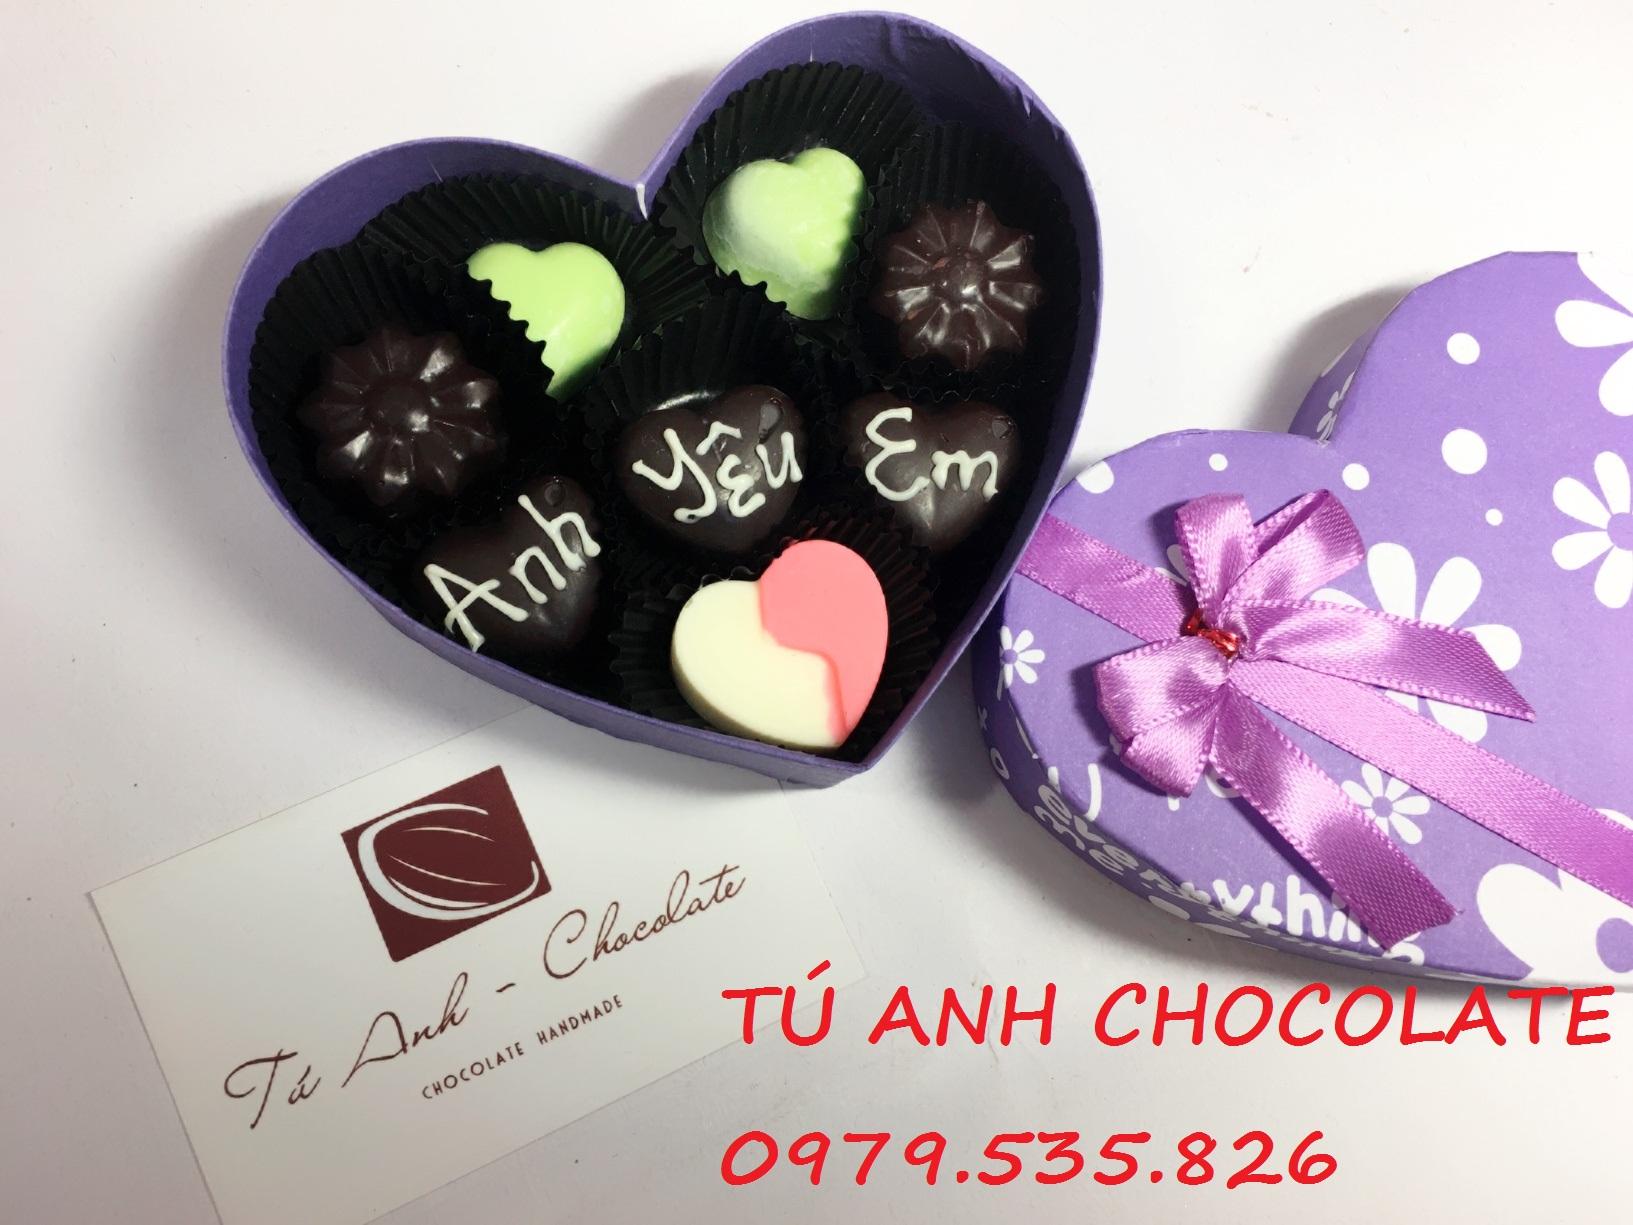 Đại lý bán buôn socola valentine giá rẻ